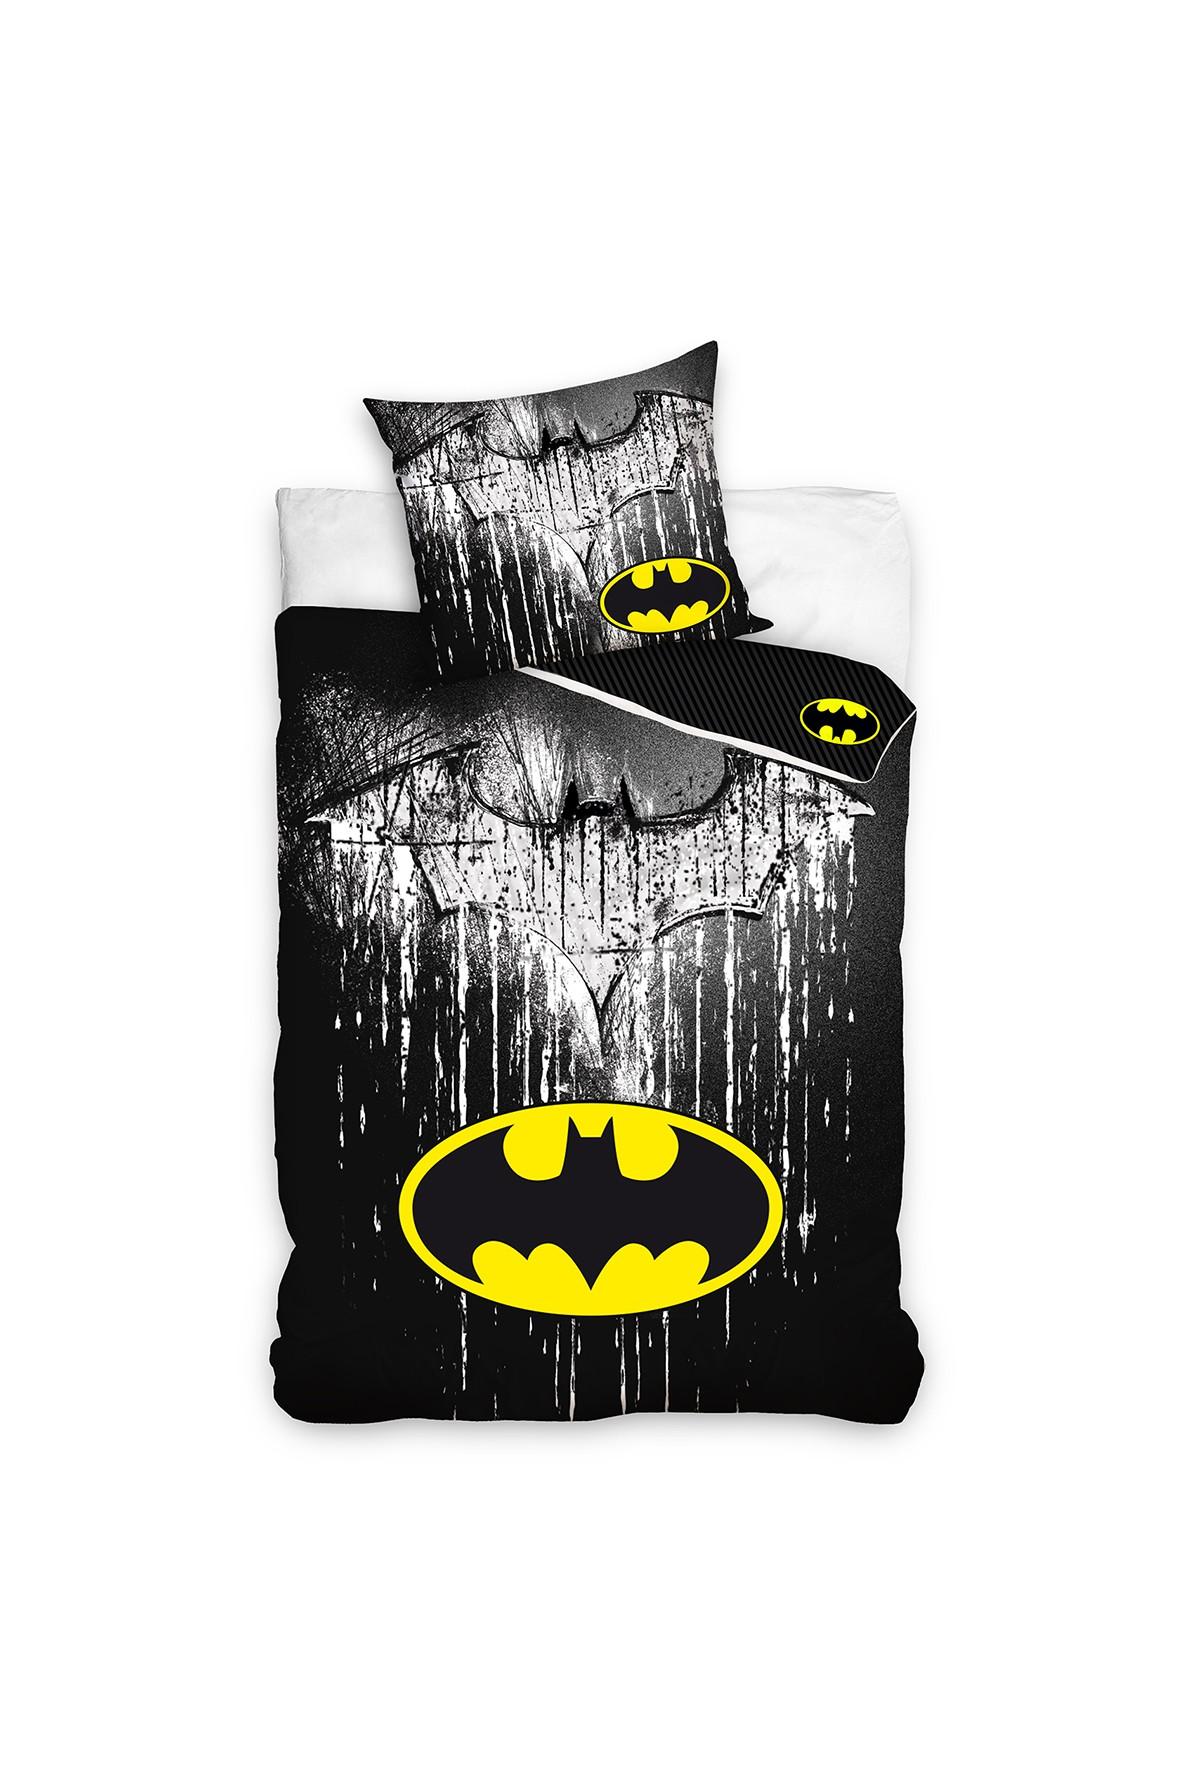 Komplet pościeli bawełnianej Batman 140x200+70x90 cm